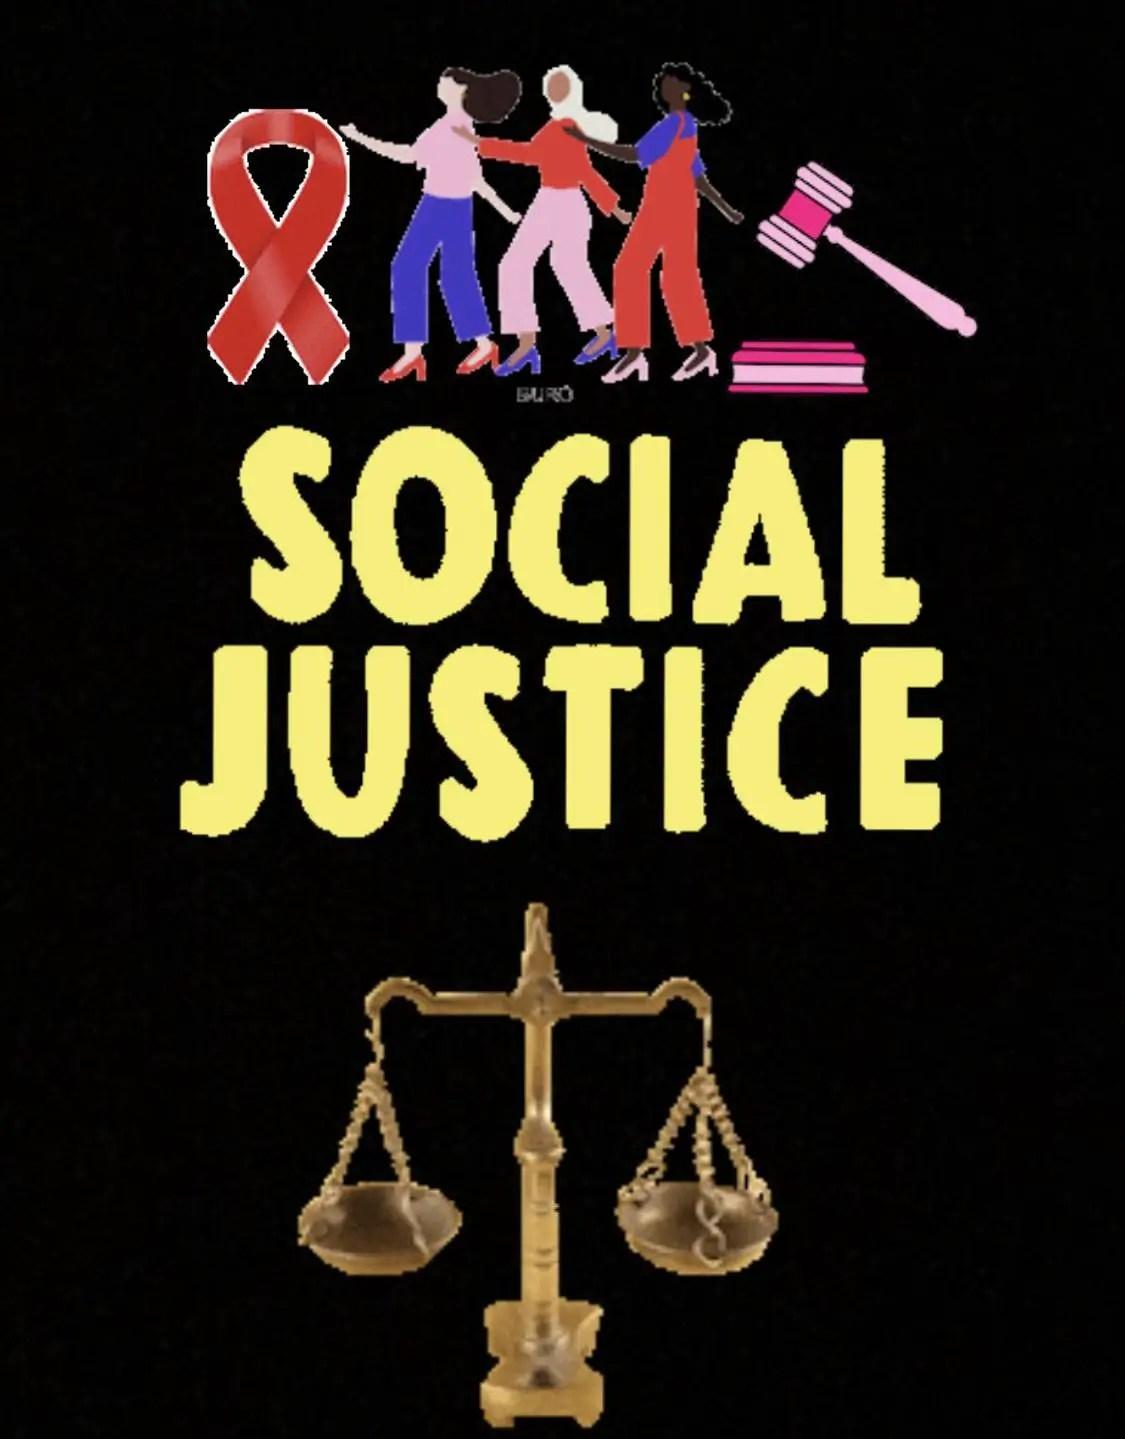 87EA9BE5 2A0A 4E67 95BA CE47003F691D Social justice